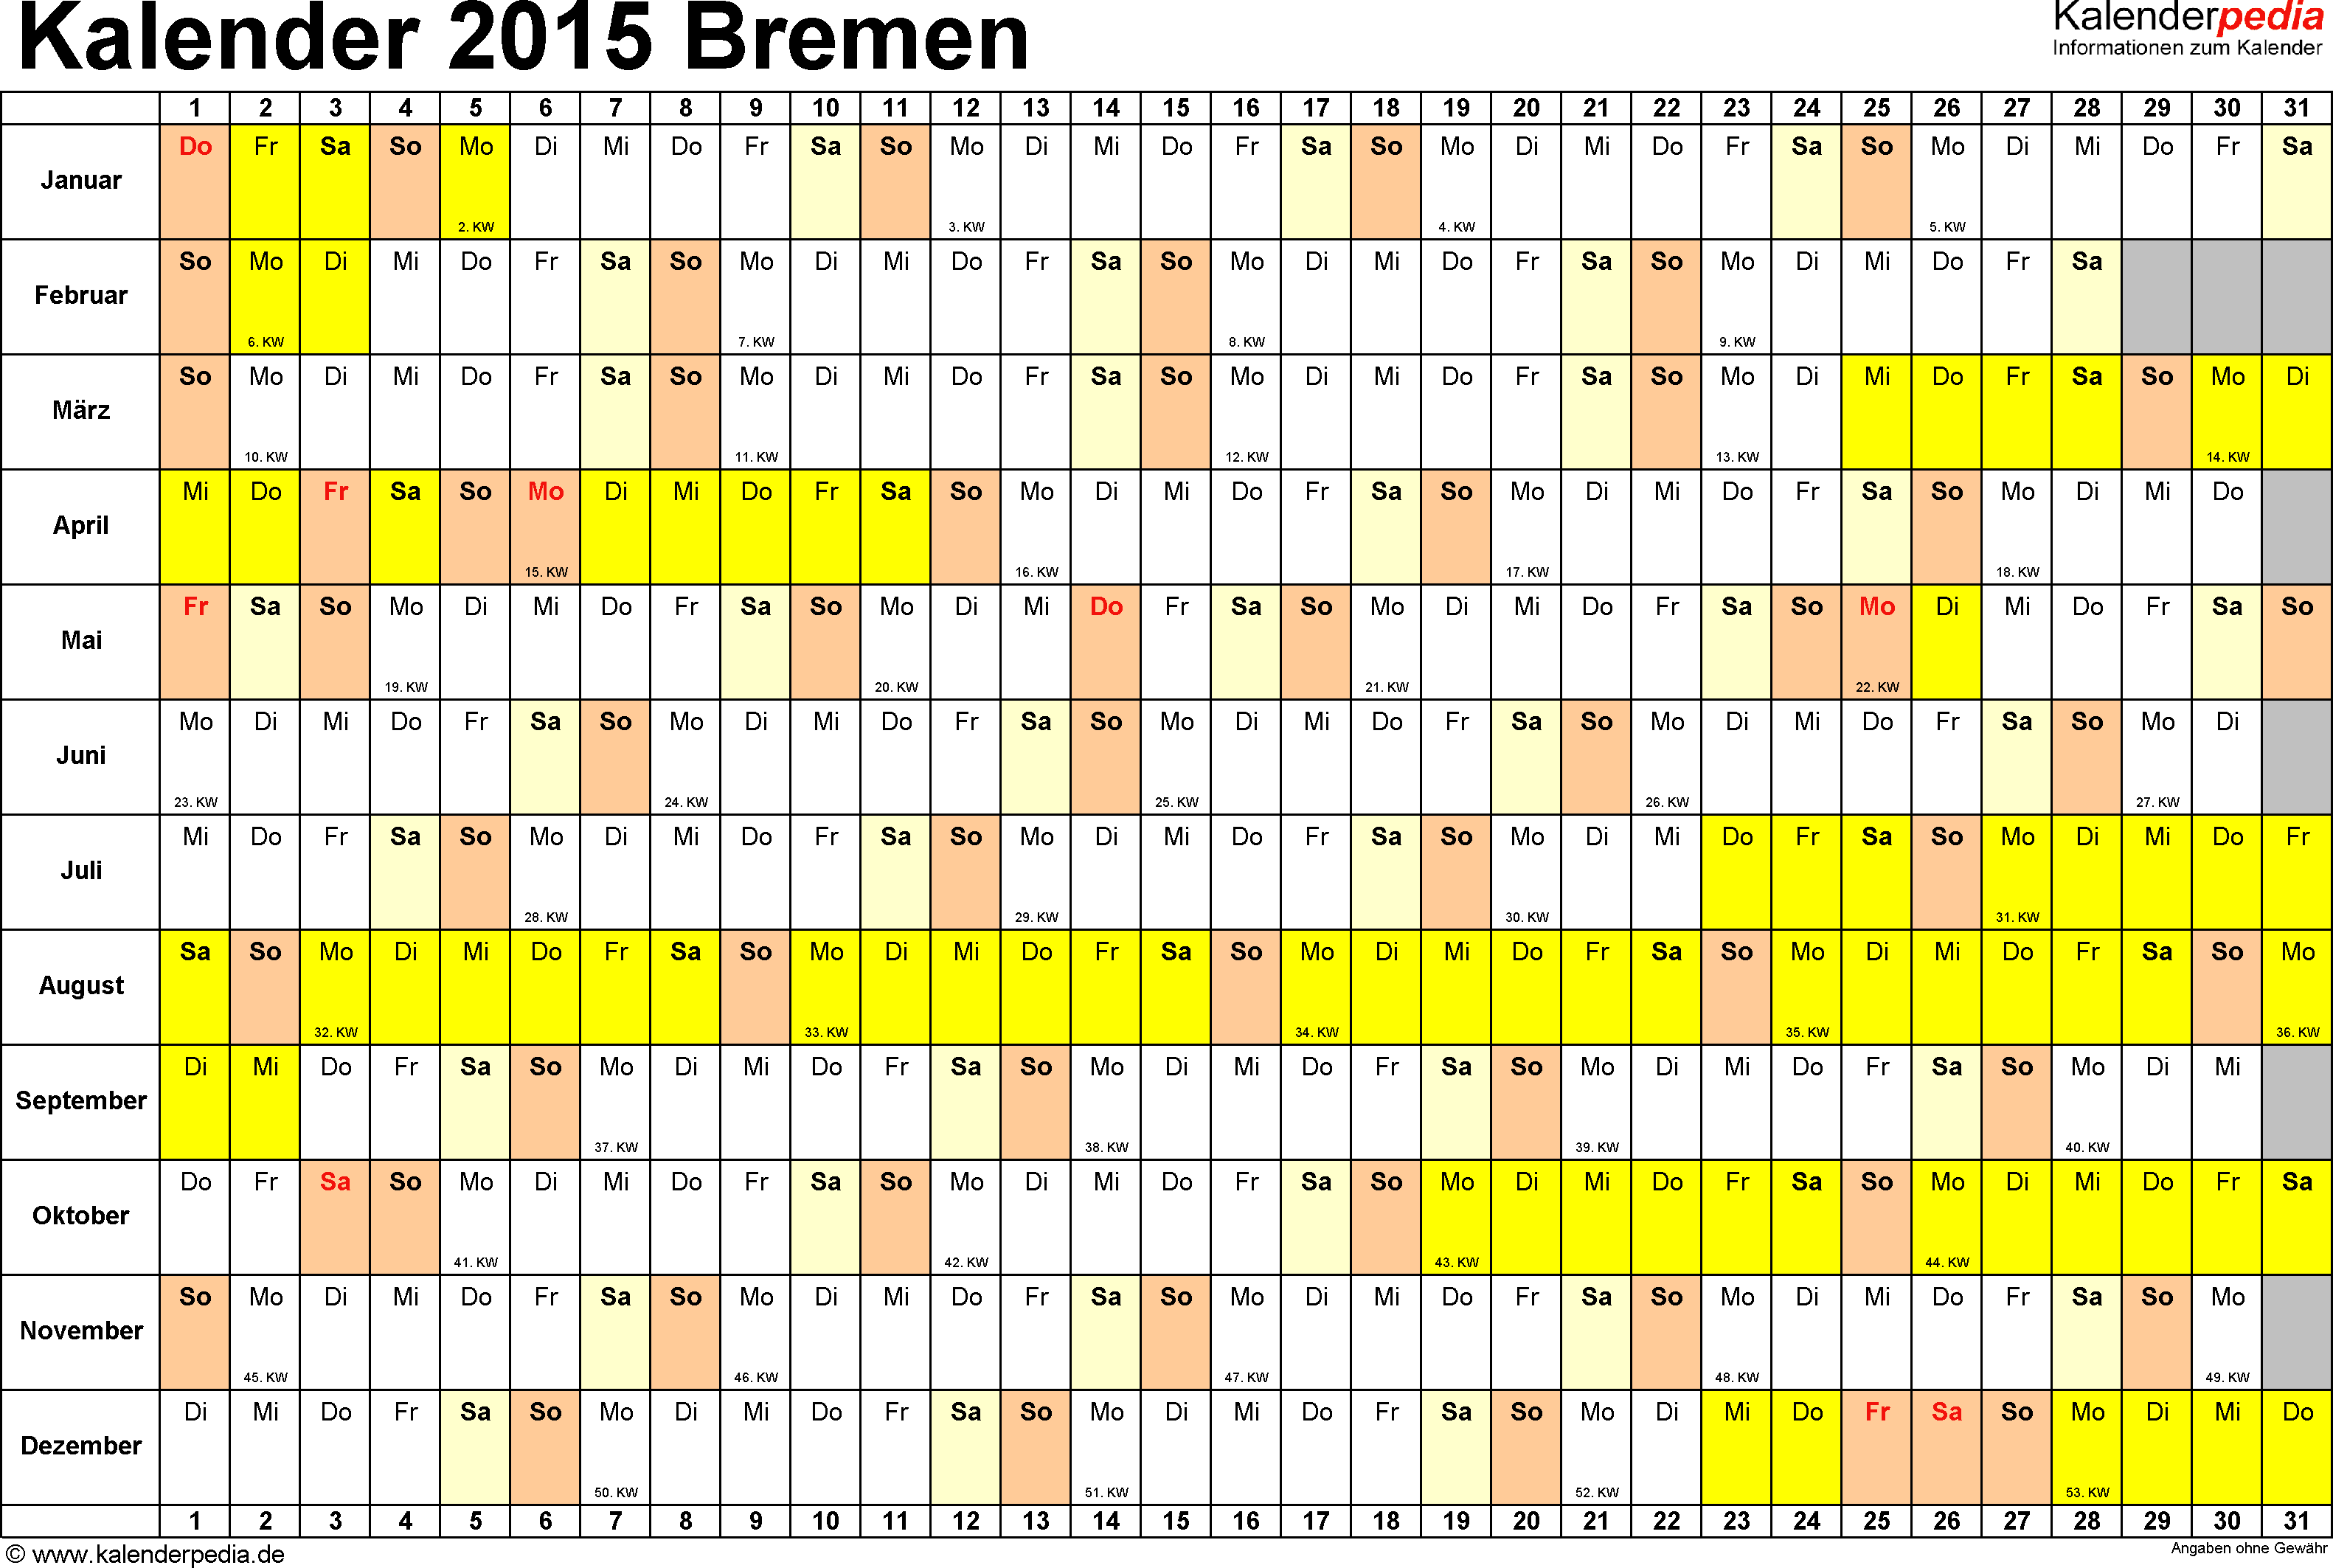 Vorlage 2: Kalender Bremen 2015 im Querformat, Tage nebeneinander